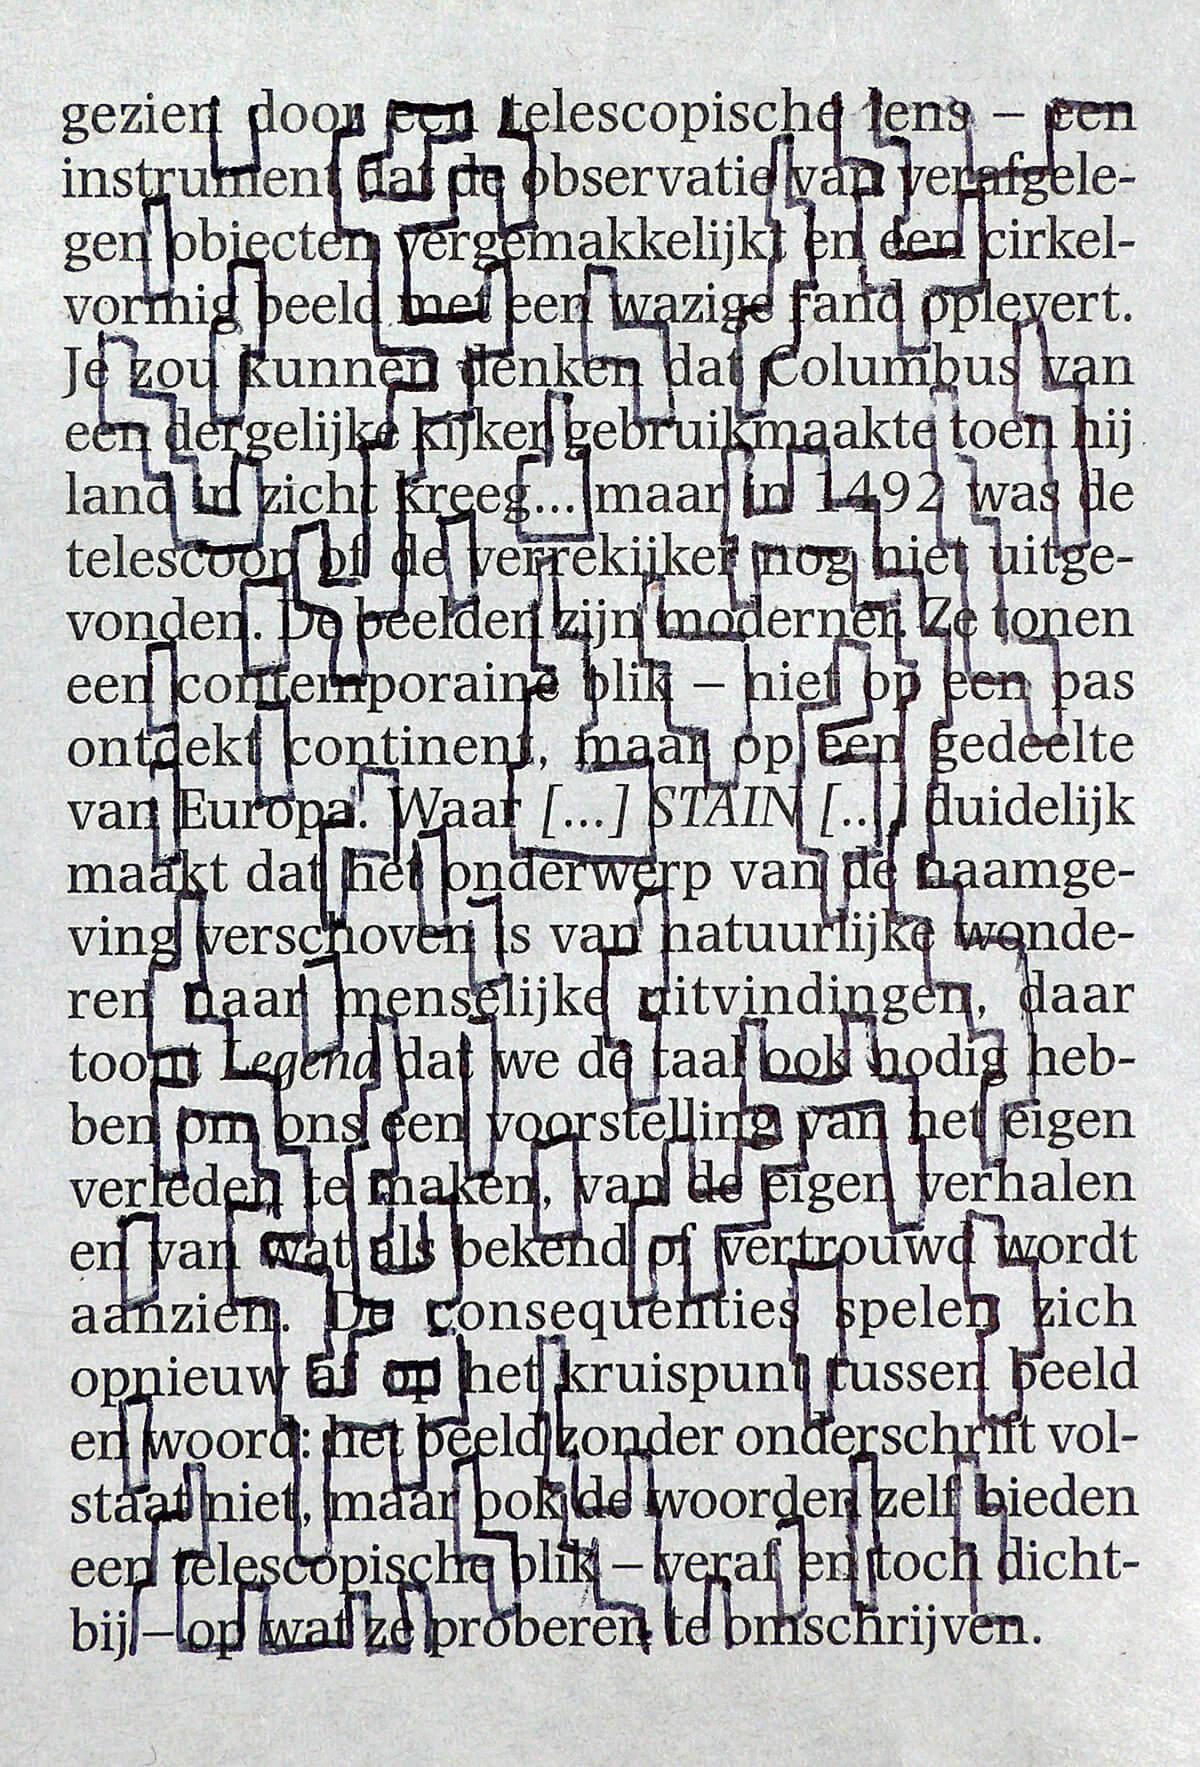 Gezien door, 9 x 12 cm, ink on newspaper, 2015